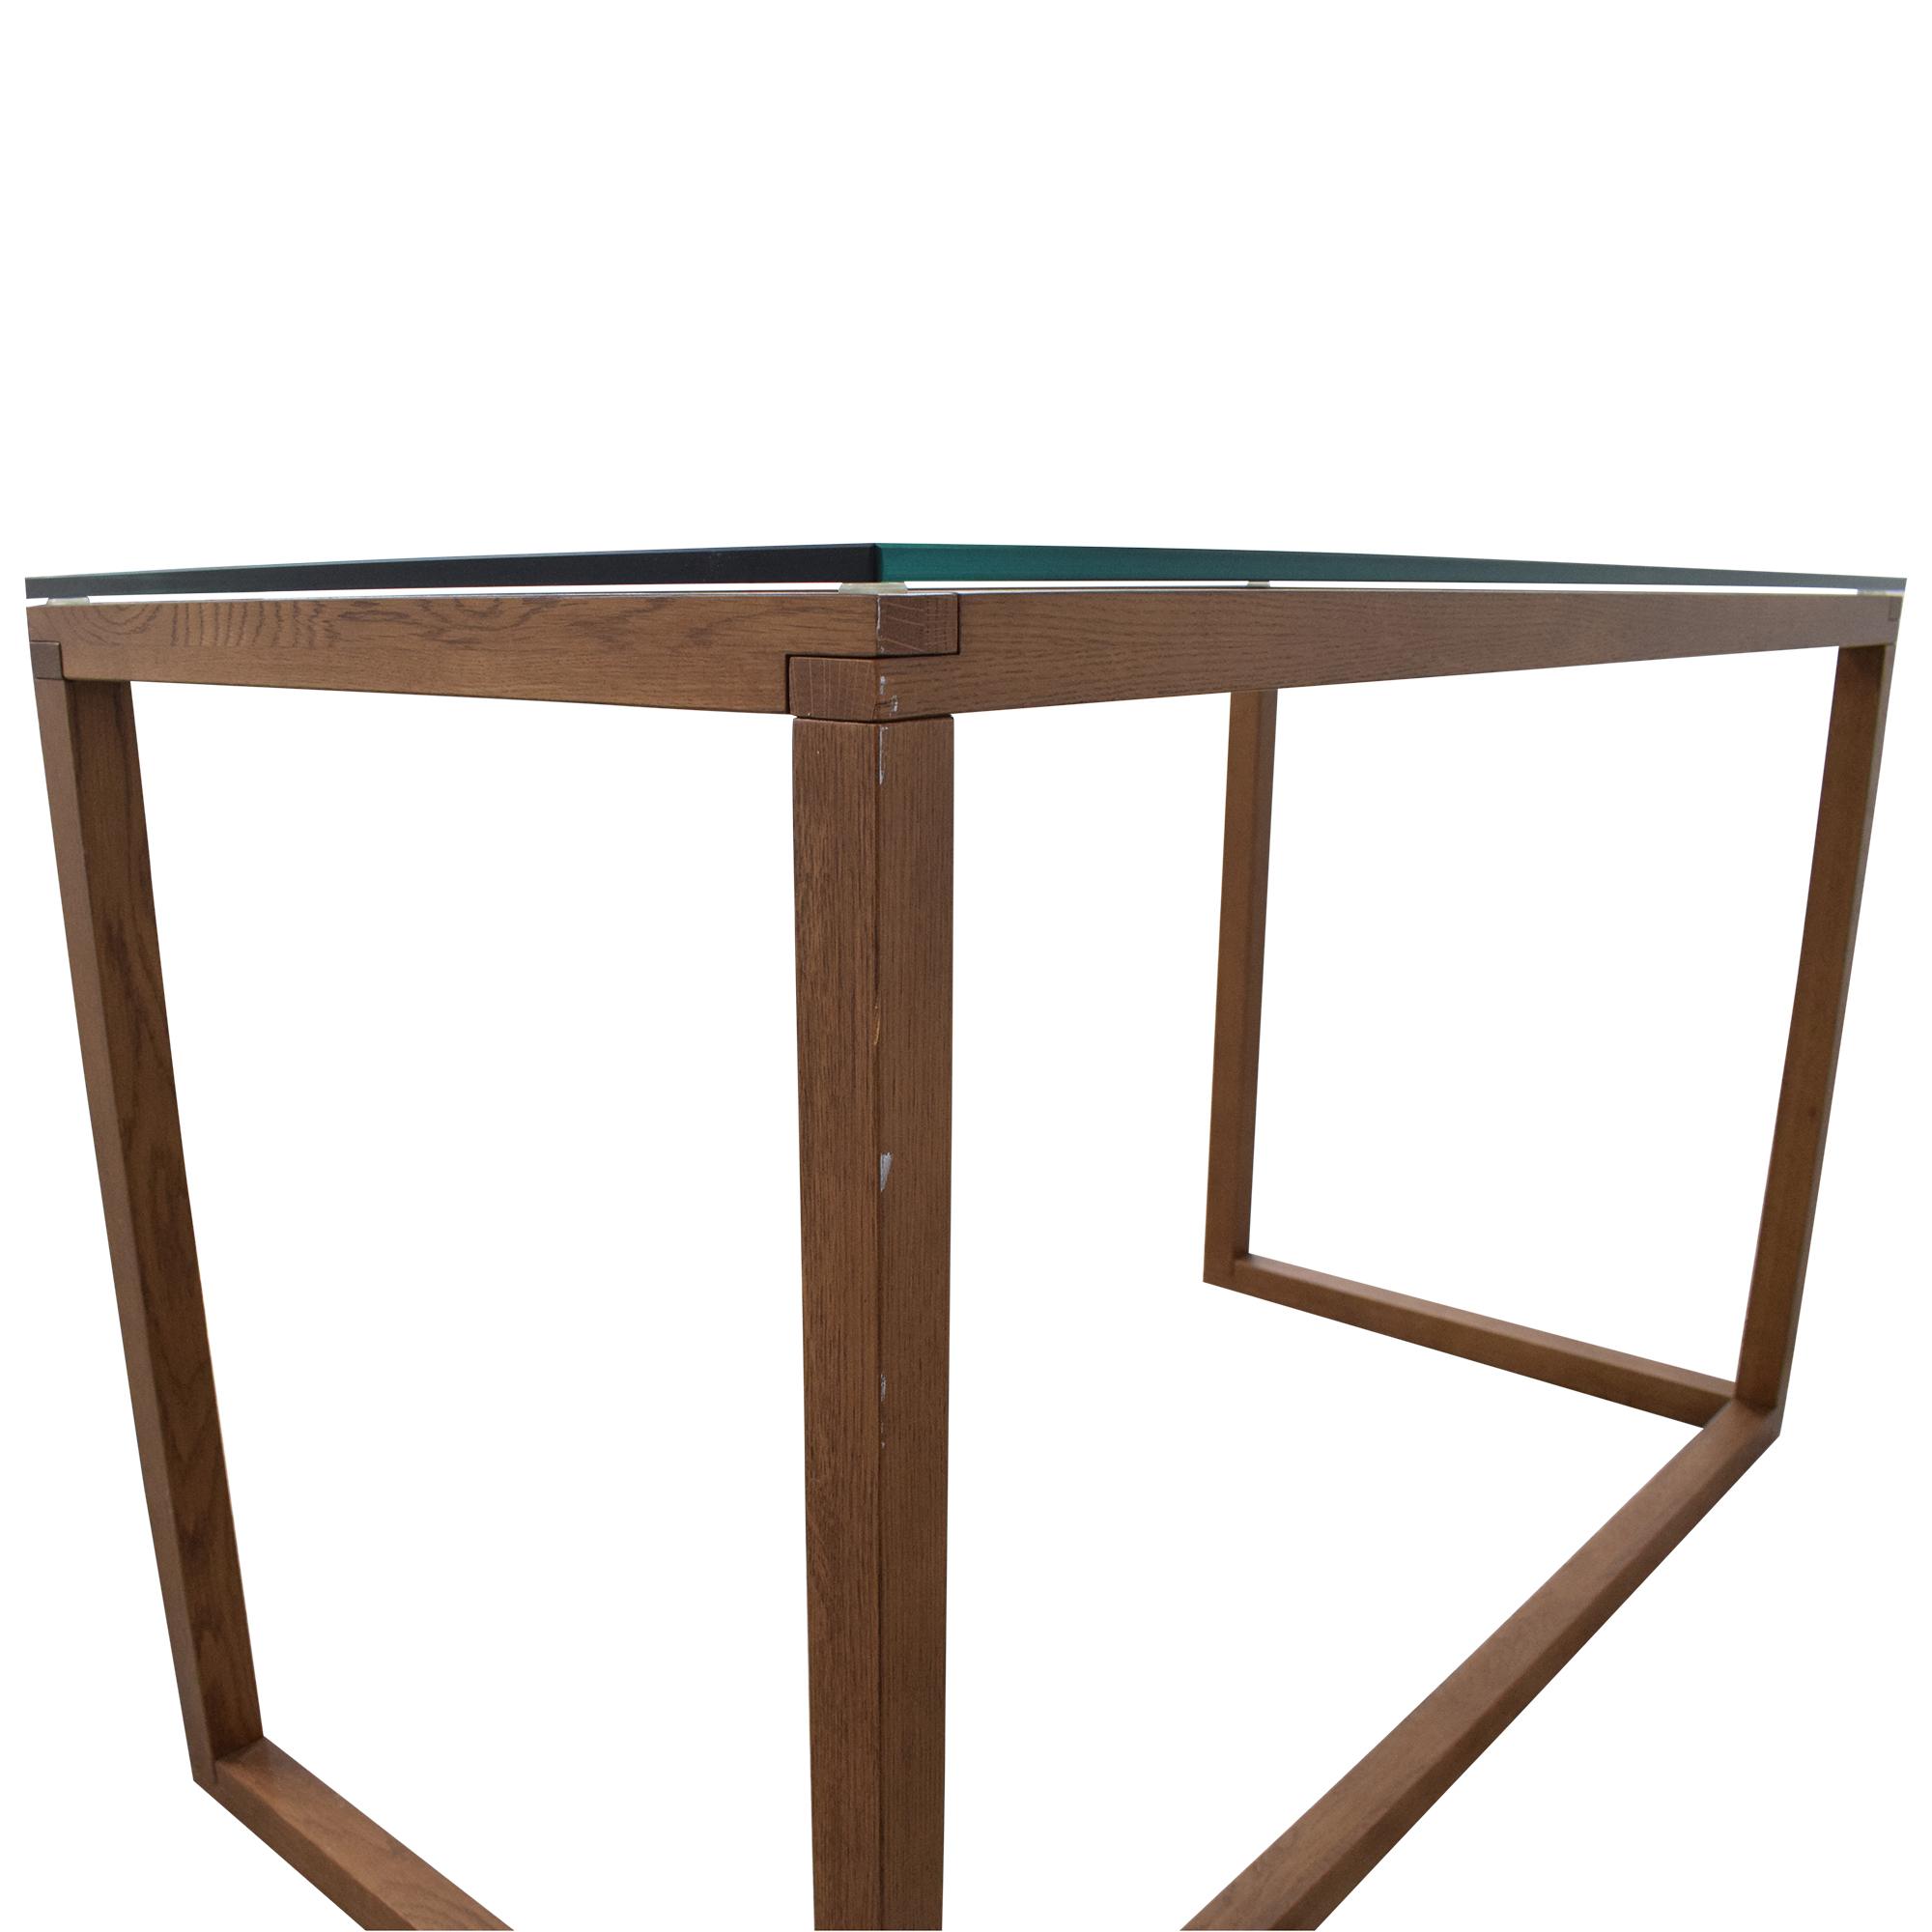 Crate & Barrel Crate & Barrel Anderson Desk dimensions